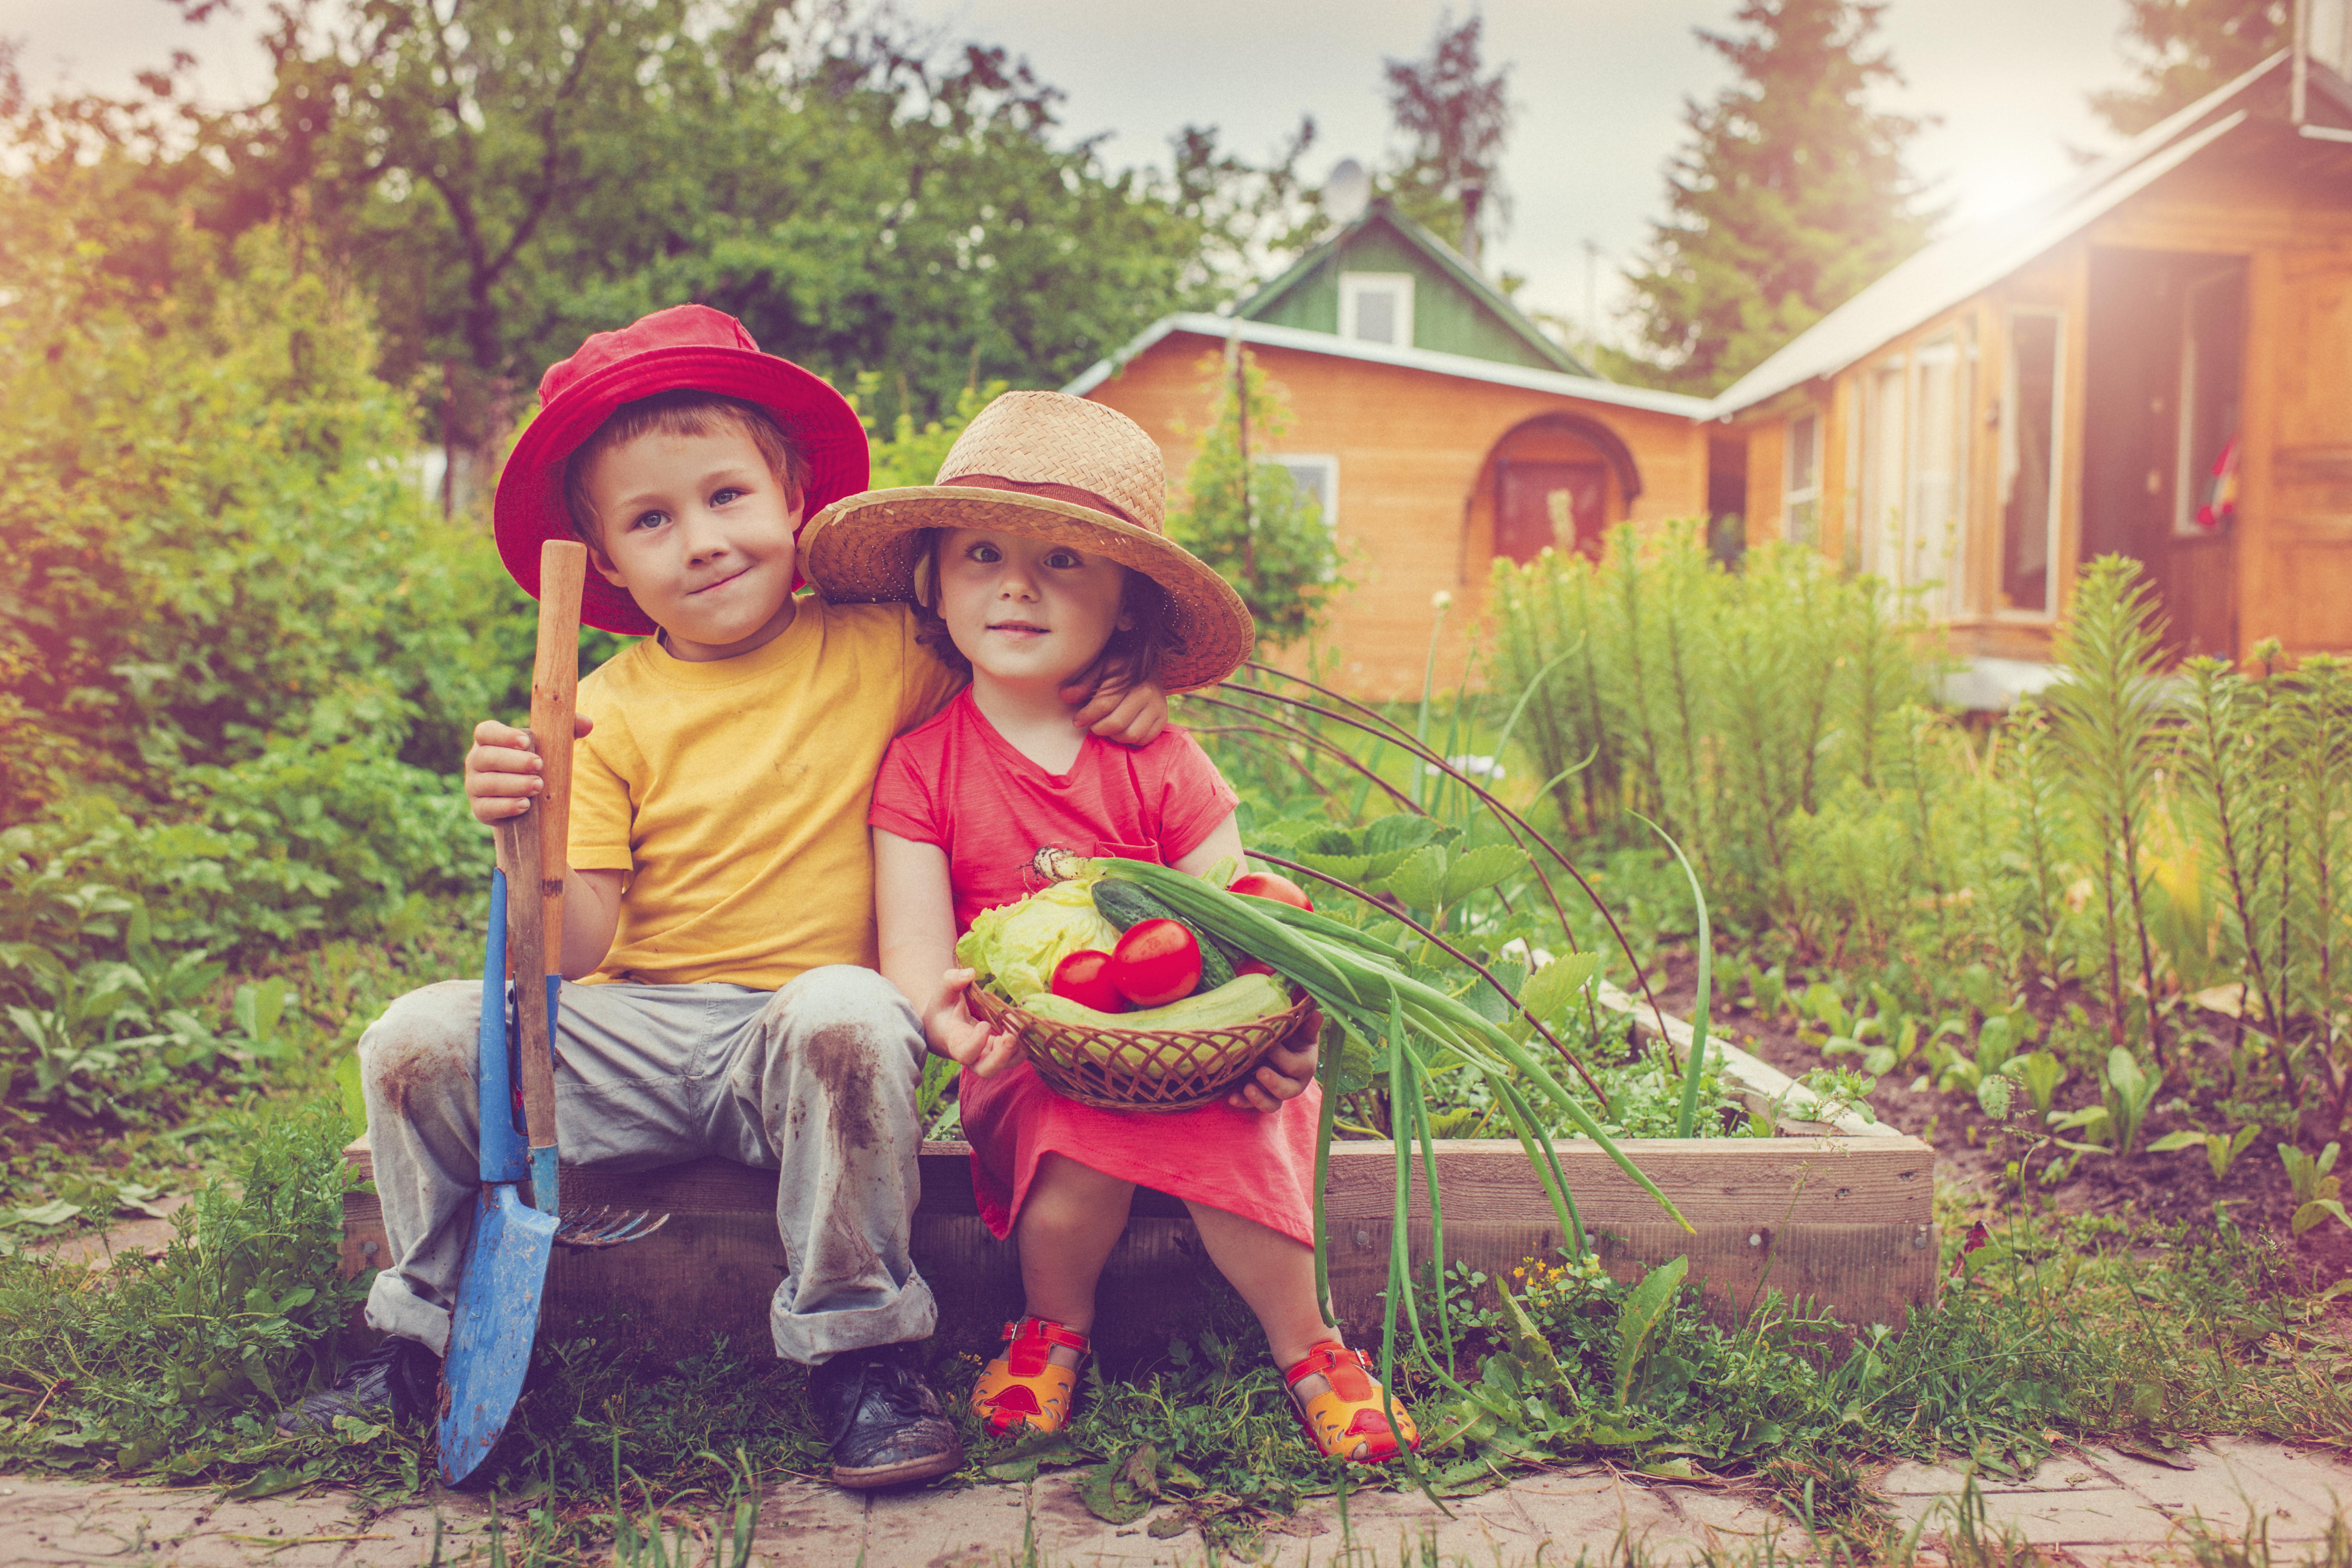 garden services, farm services, help gardening